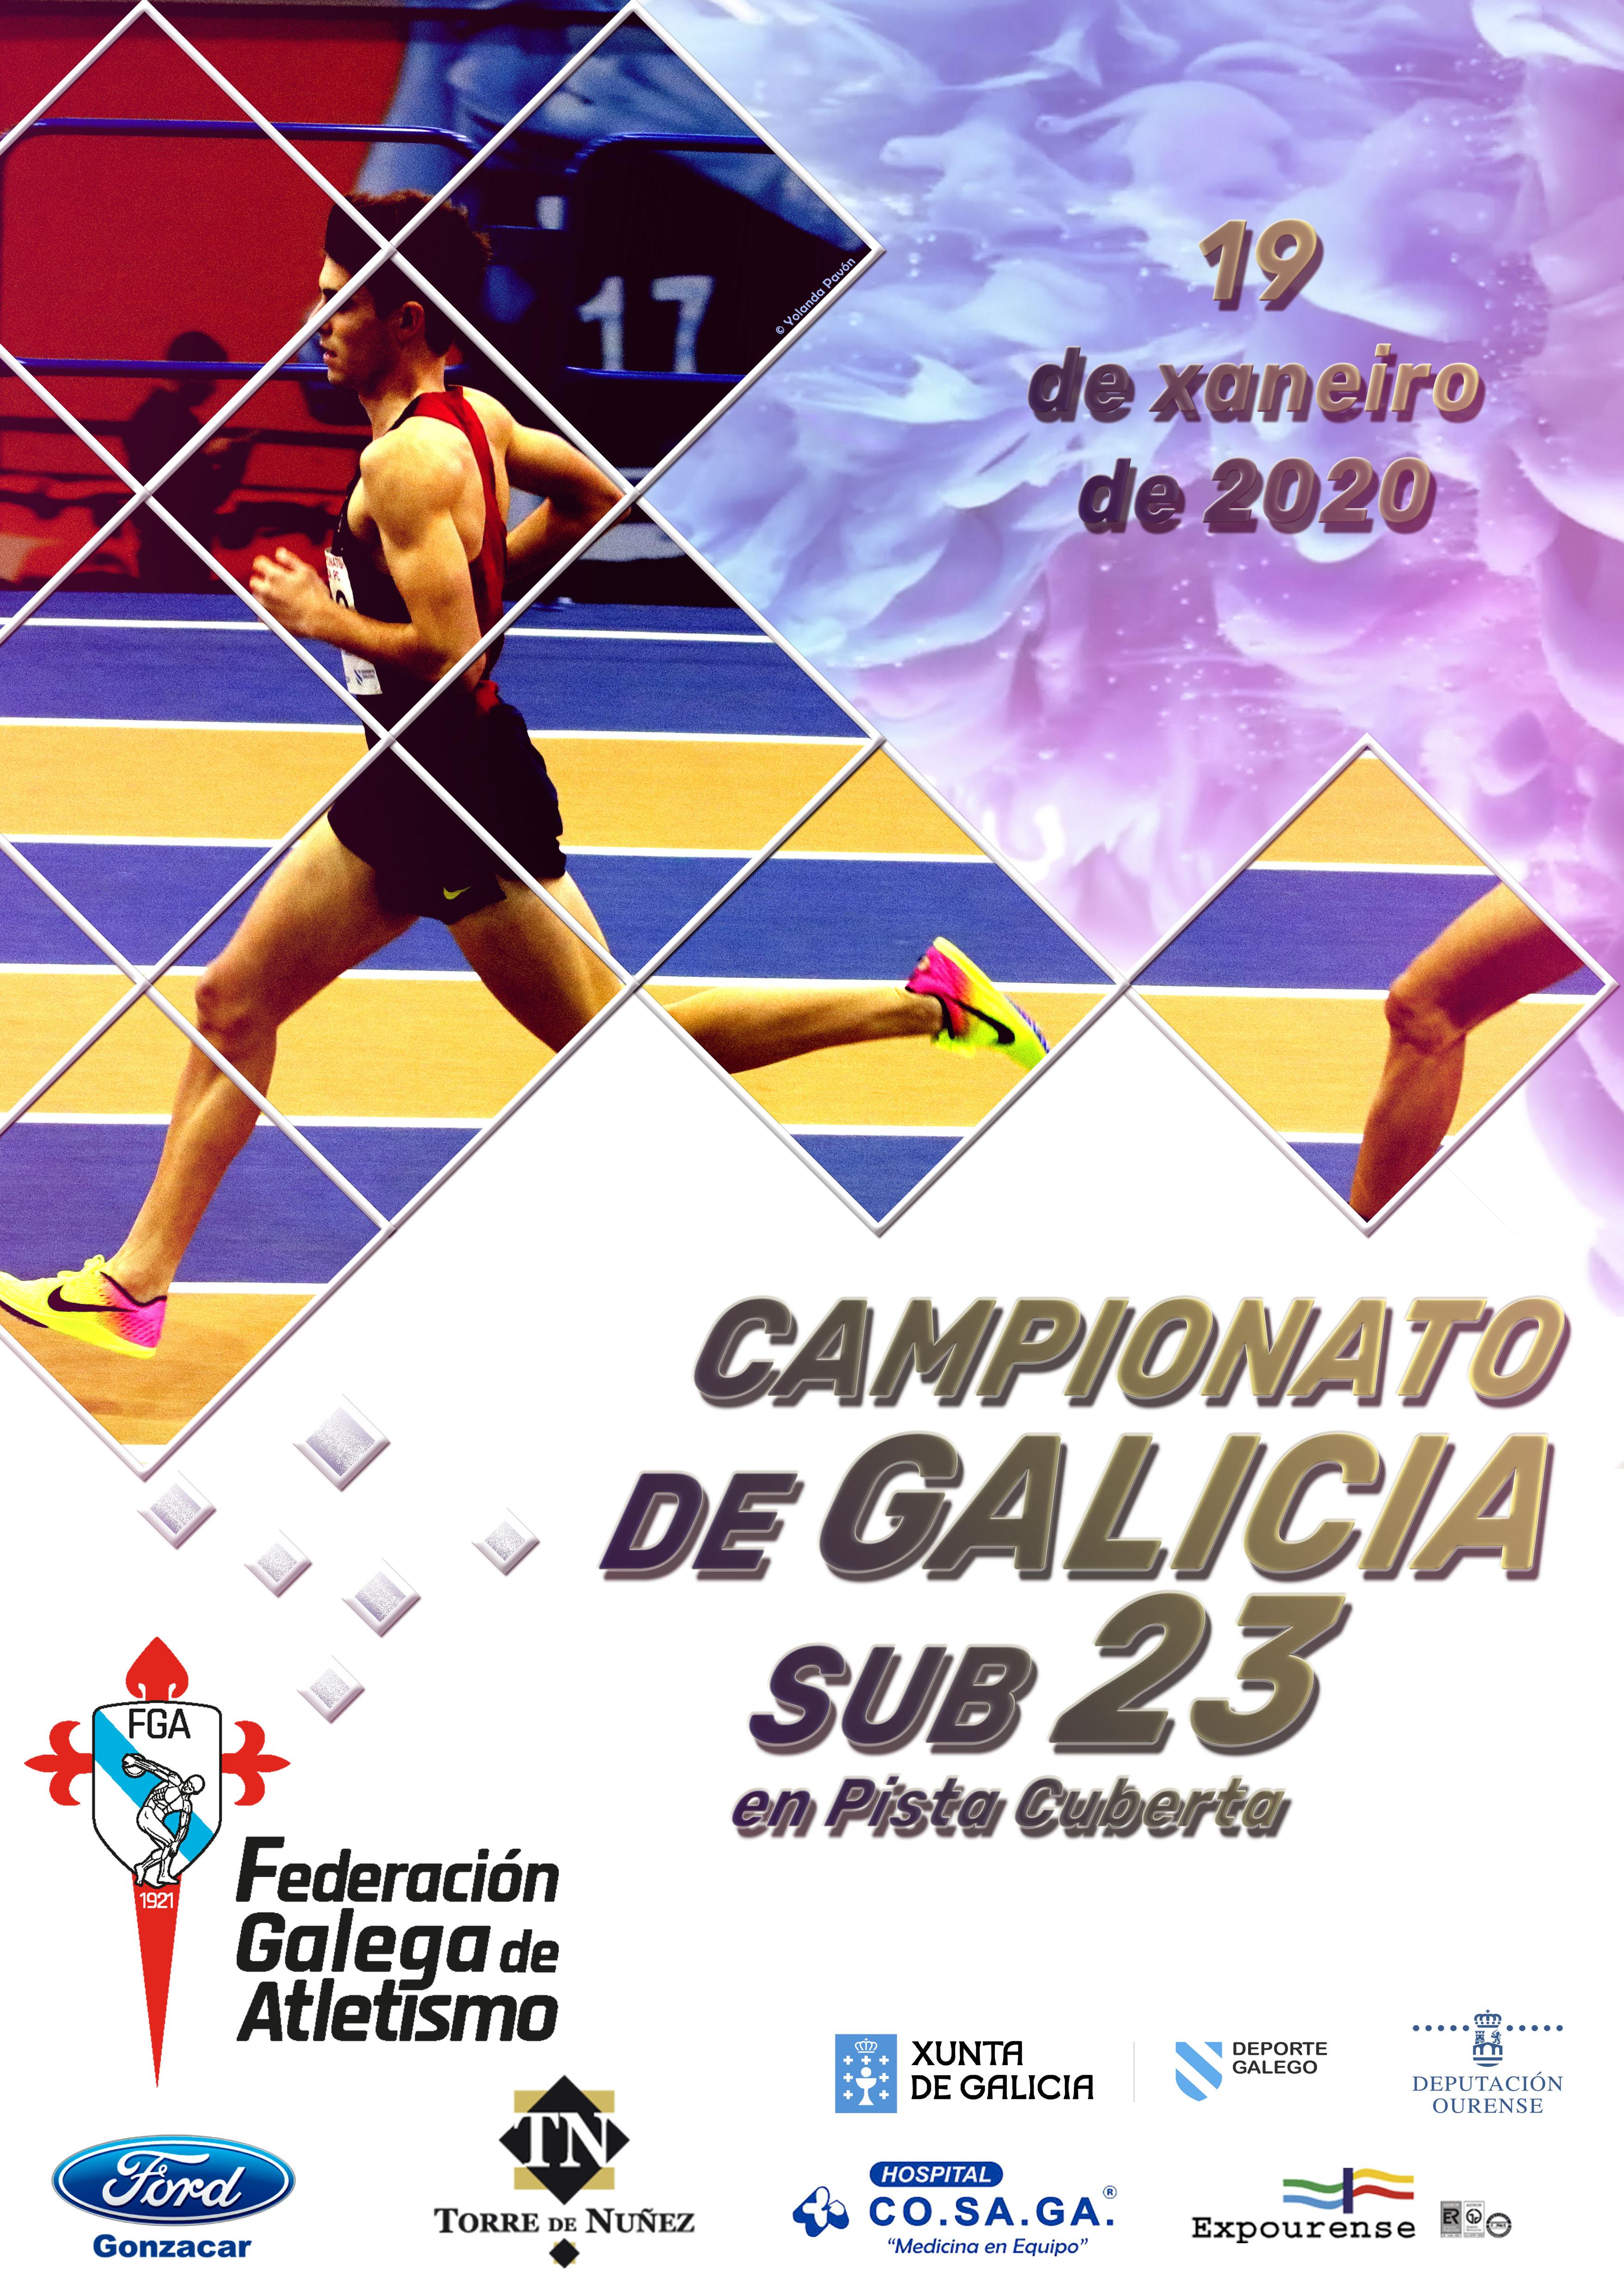 Campionato de Galicia Sub23 en Pista Cuberta 2020